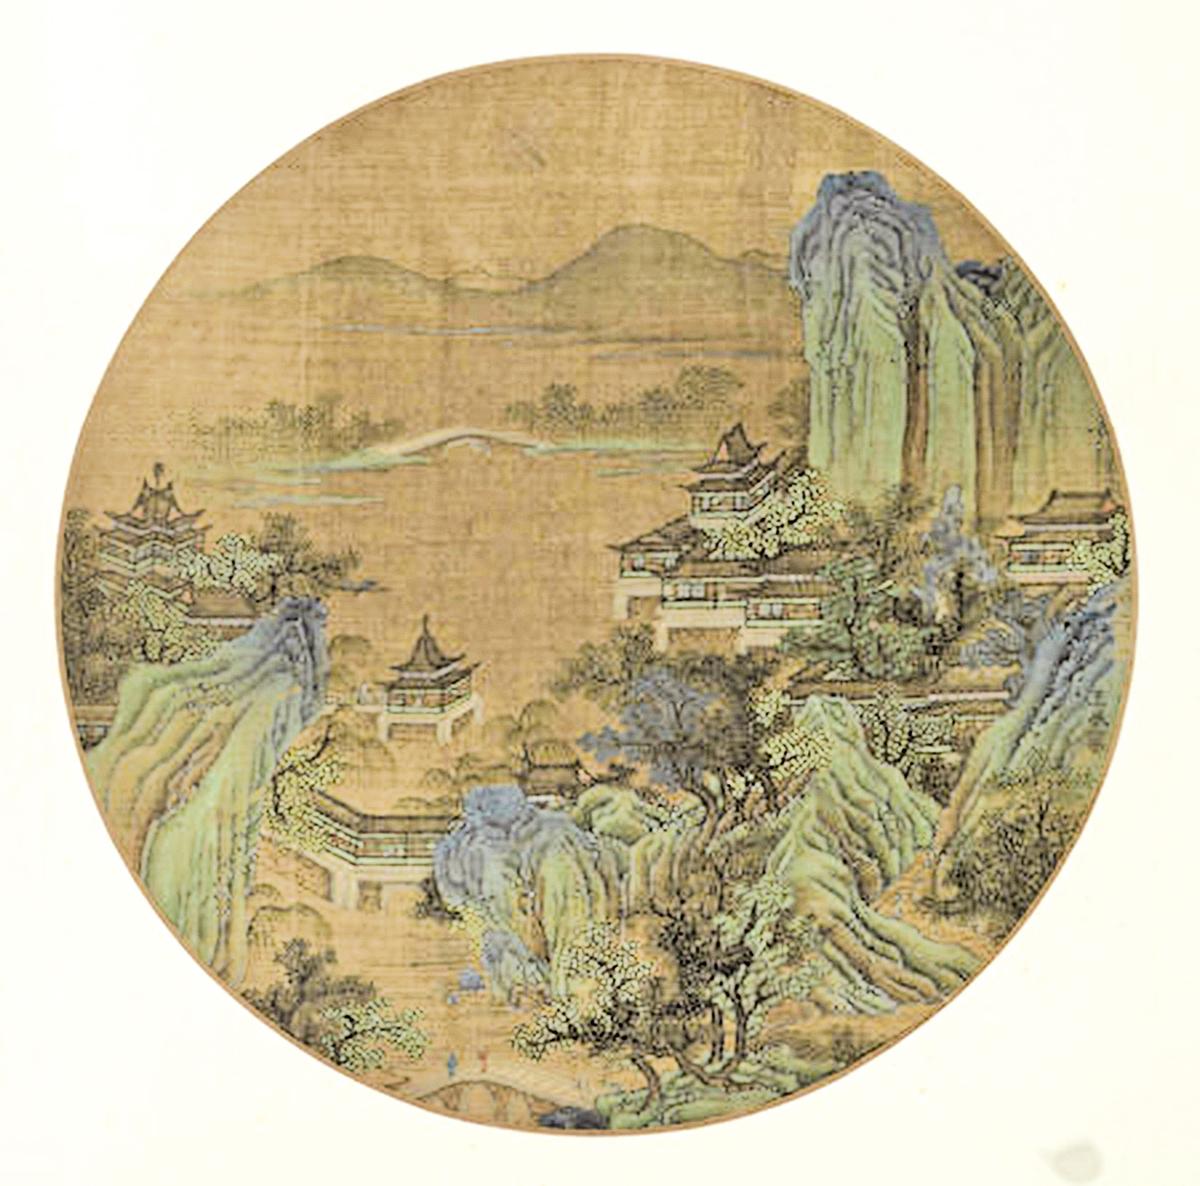 元人繪《杭州西湖圖》(公有領域)